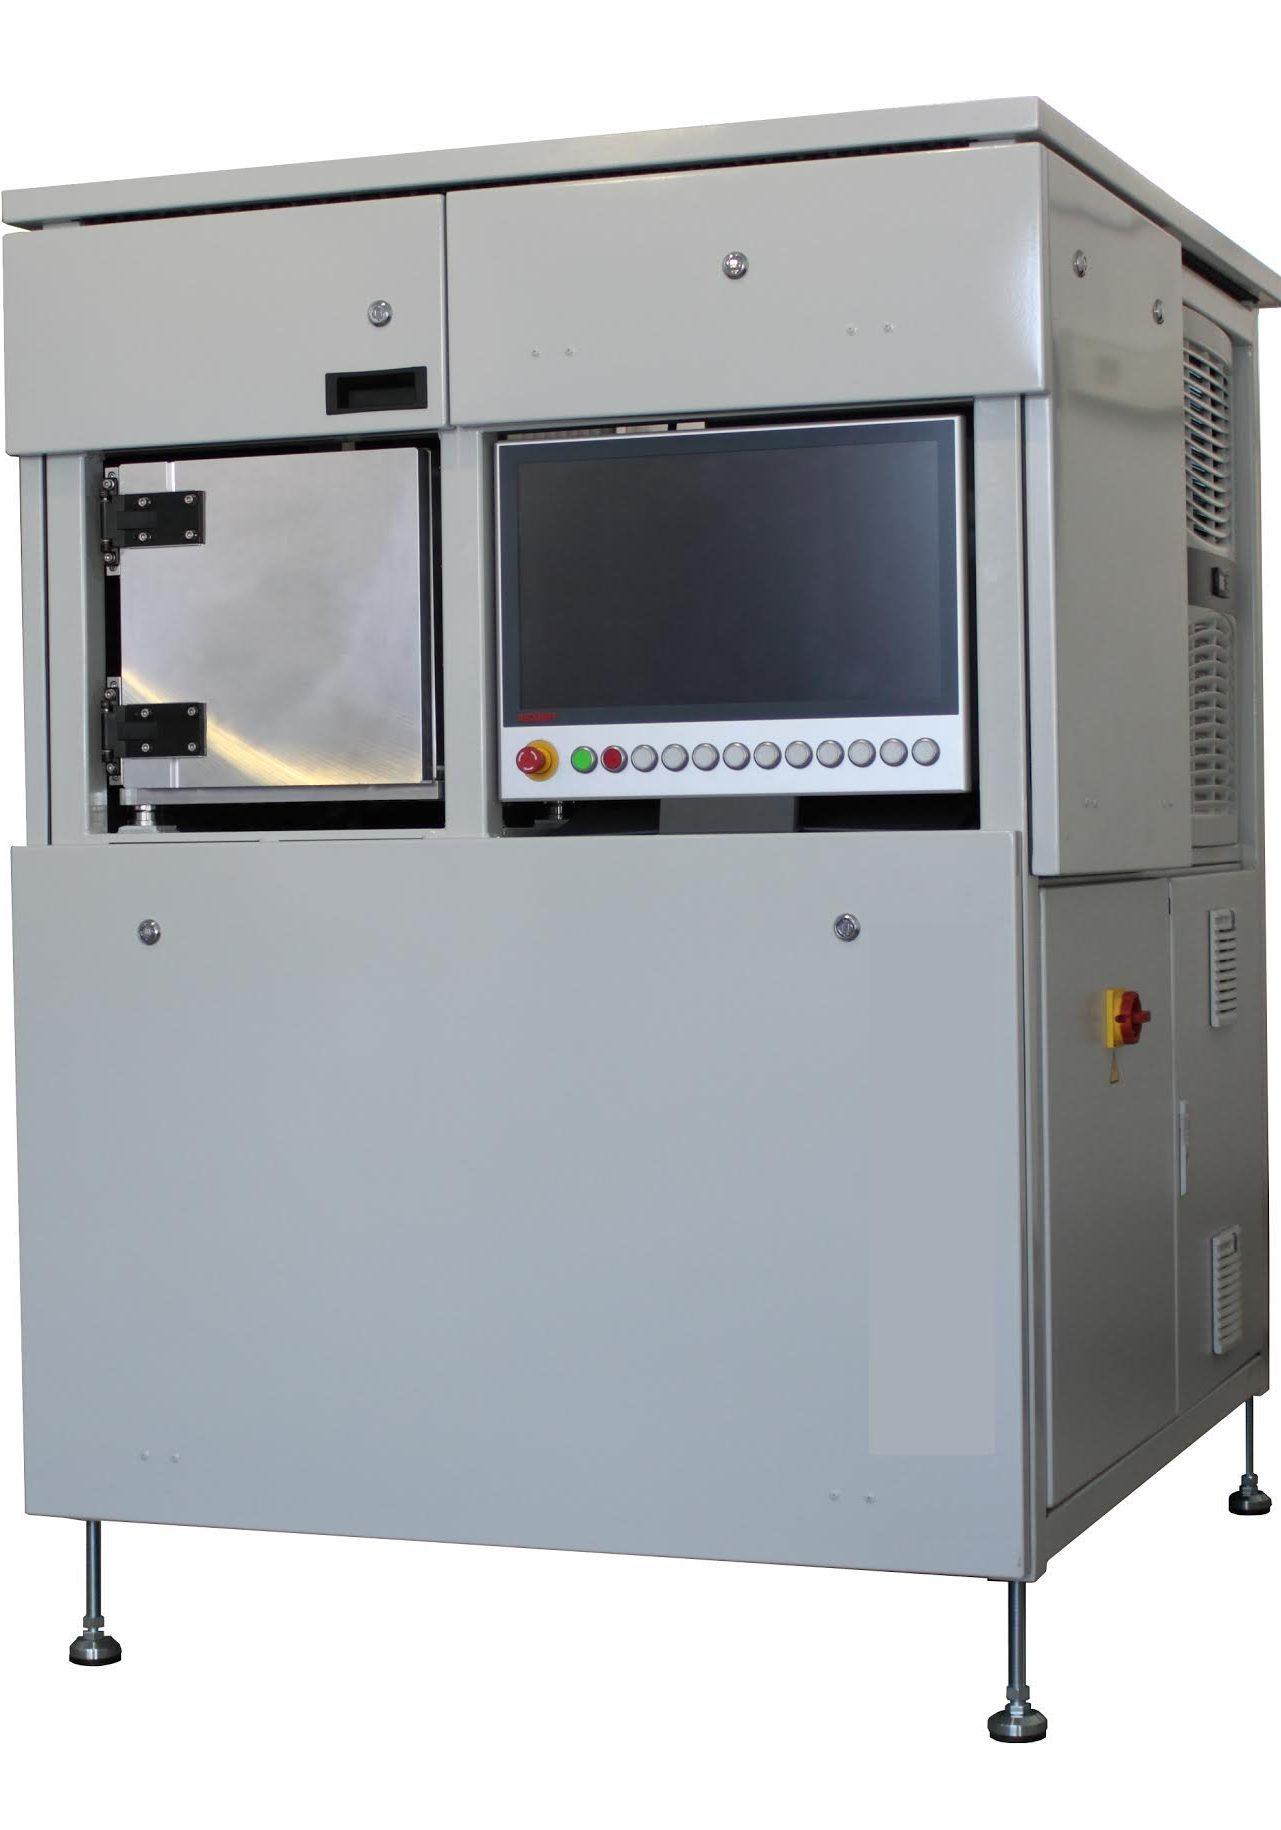 SLaVaM 100 SLM